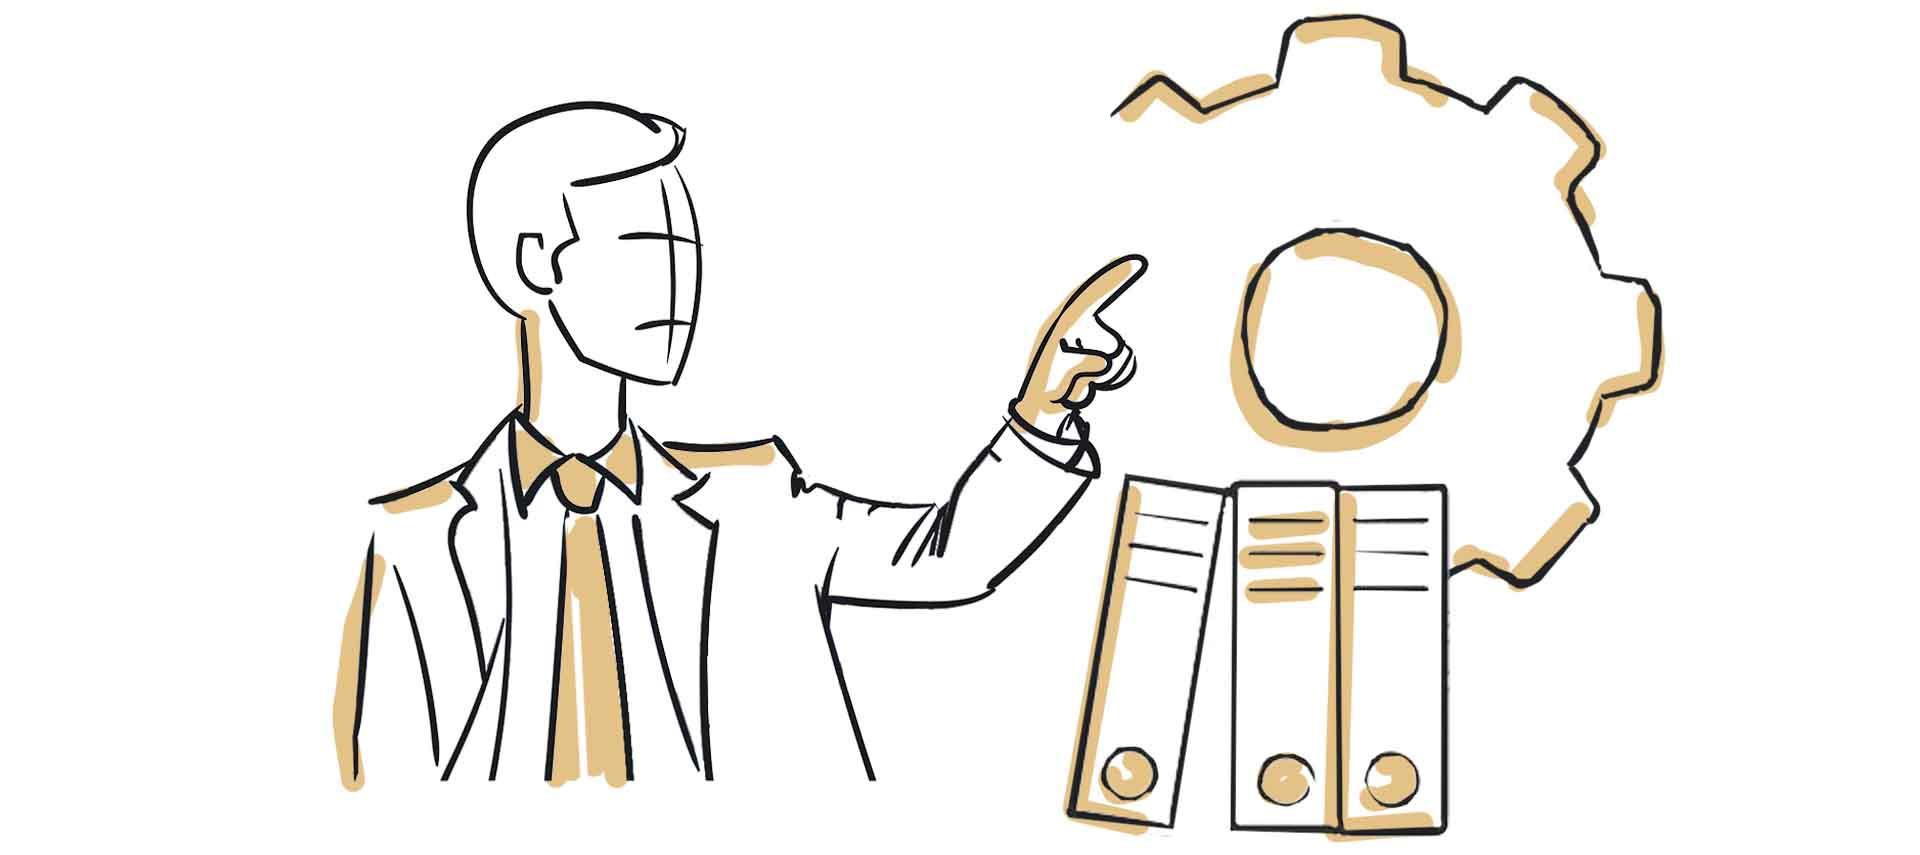 Hofladen Business Organisation und Prozesse